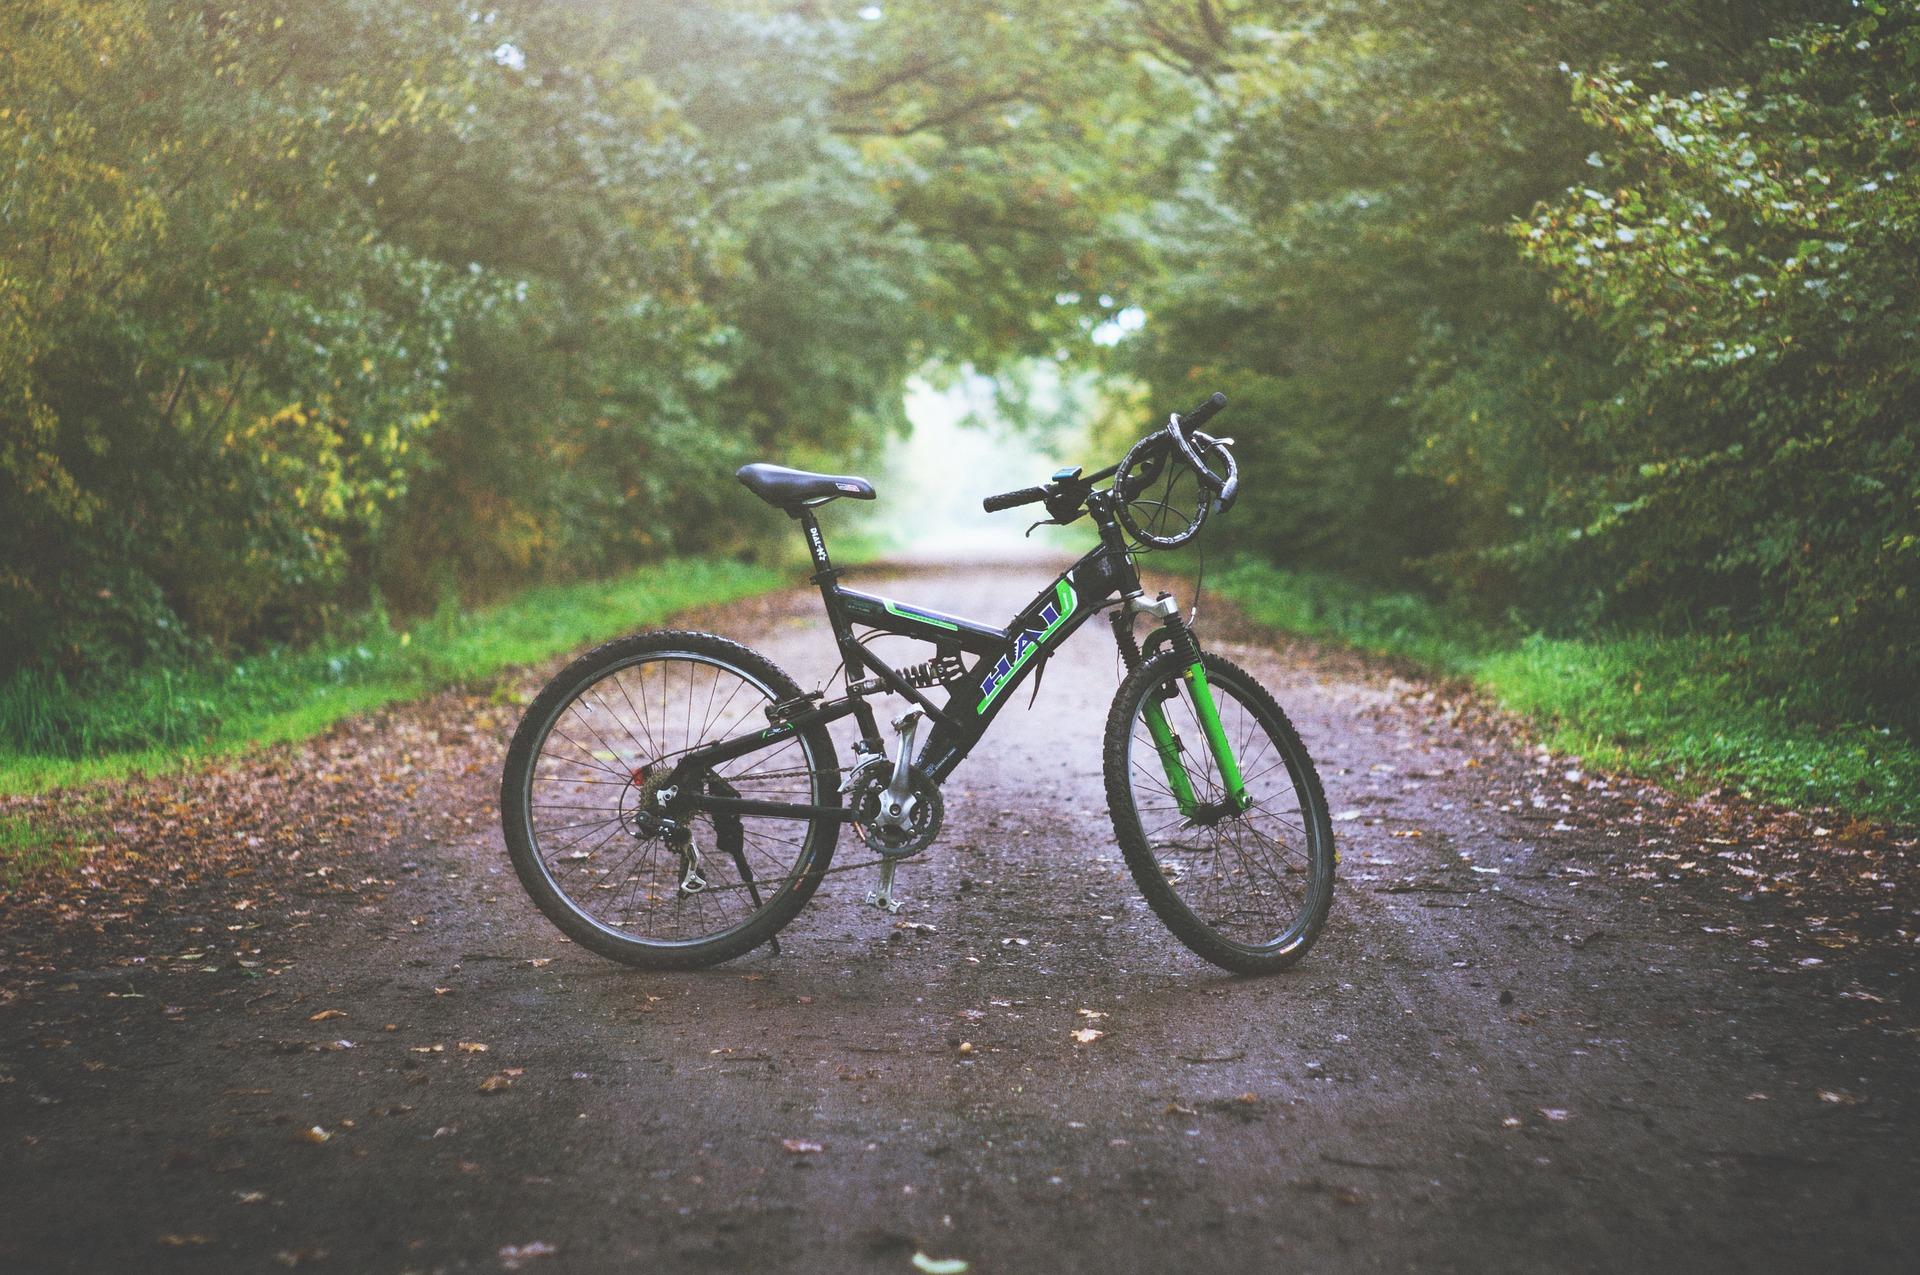 ¿Eres un amante del ciclismo? ¿Estás haciendo el camino en bicicleta?